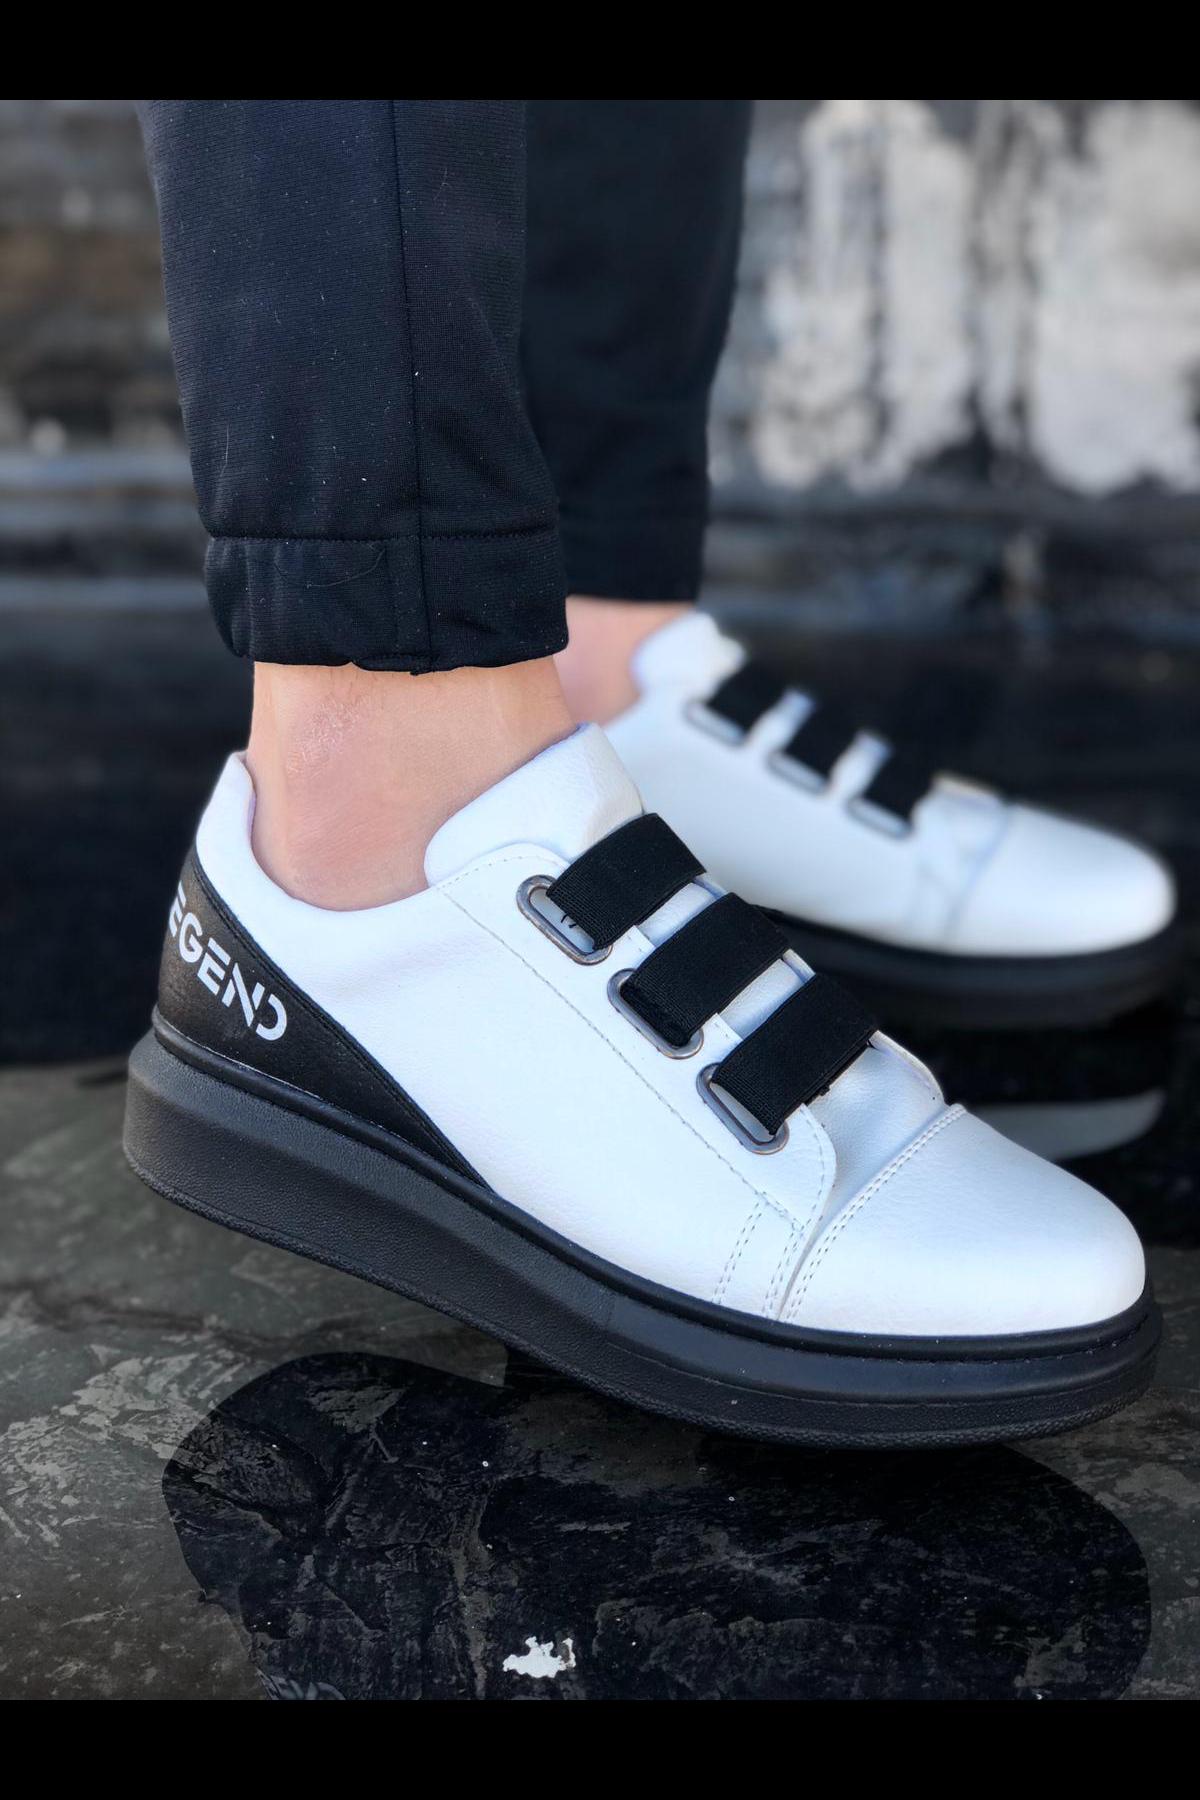 Wagoon WG029 3 Bant Legend Beyaz Siyah Kalın Taban Casual Erkek Ayakkabı